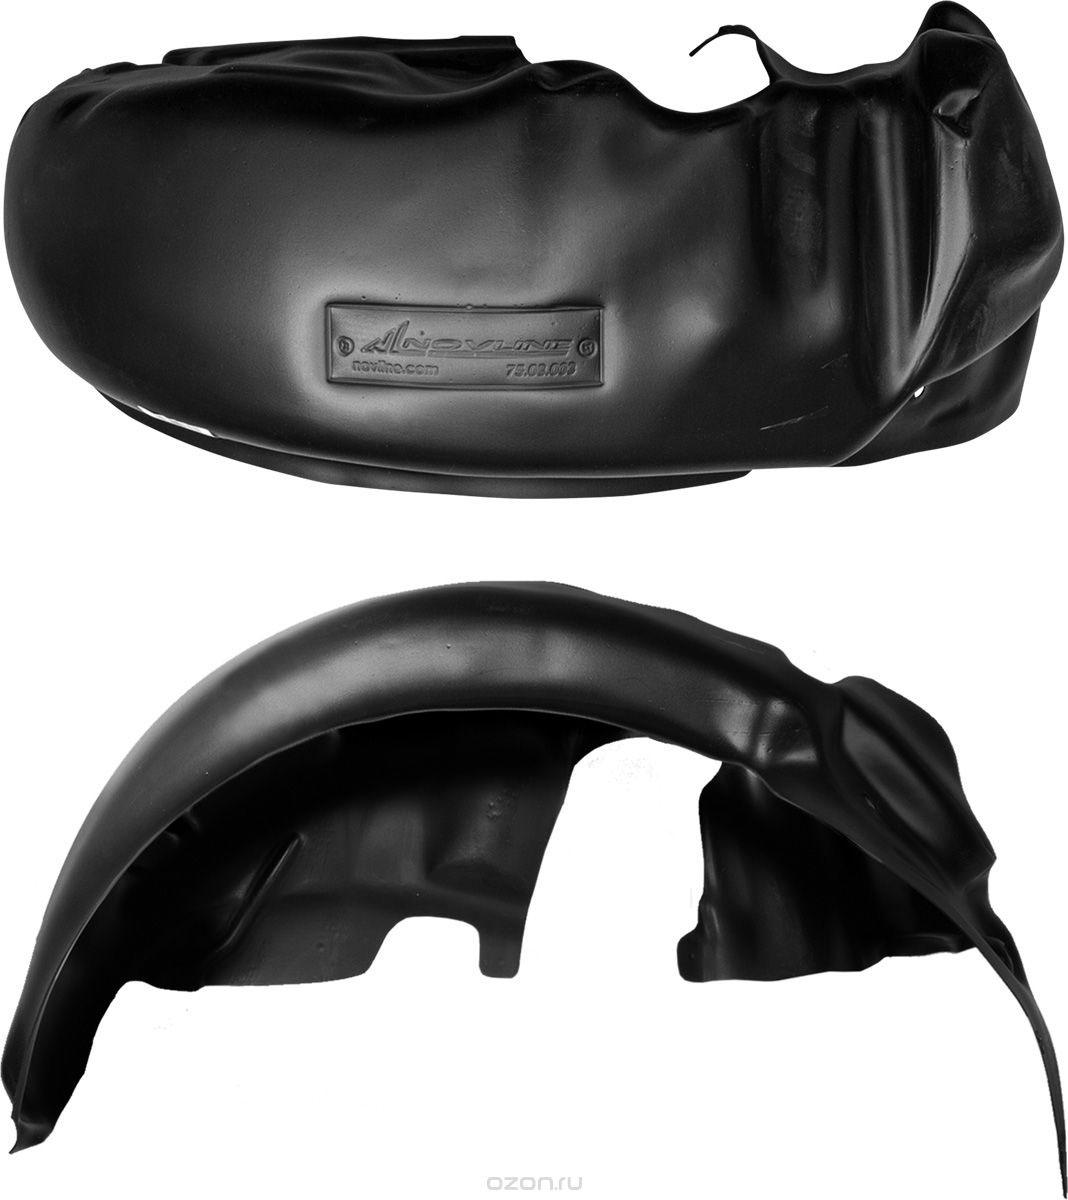 Подкрылок Novline-Autofamily, для ВАЗ 2110 1995-2007 б/б, передний левыйSVC-300Идеальная защита колесной ниши. Локеры разработаны с применением цифровых технологий, гарантируют максимальную повторяемость поверхности арки. Изделия устанавливаются без нарушения лакокрасочного покрытия автомобиля, каждый подкрылок комплектуется крепежом. Уважаемые клиенты, обращаем ваше внимание, что фотографии на подкрылки универсальные и не отражают реальную форму изделия. При этом само изделие идет точно под размер указанного автомобиля.